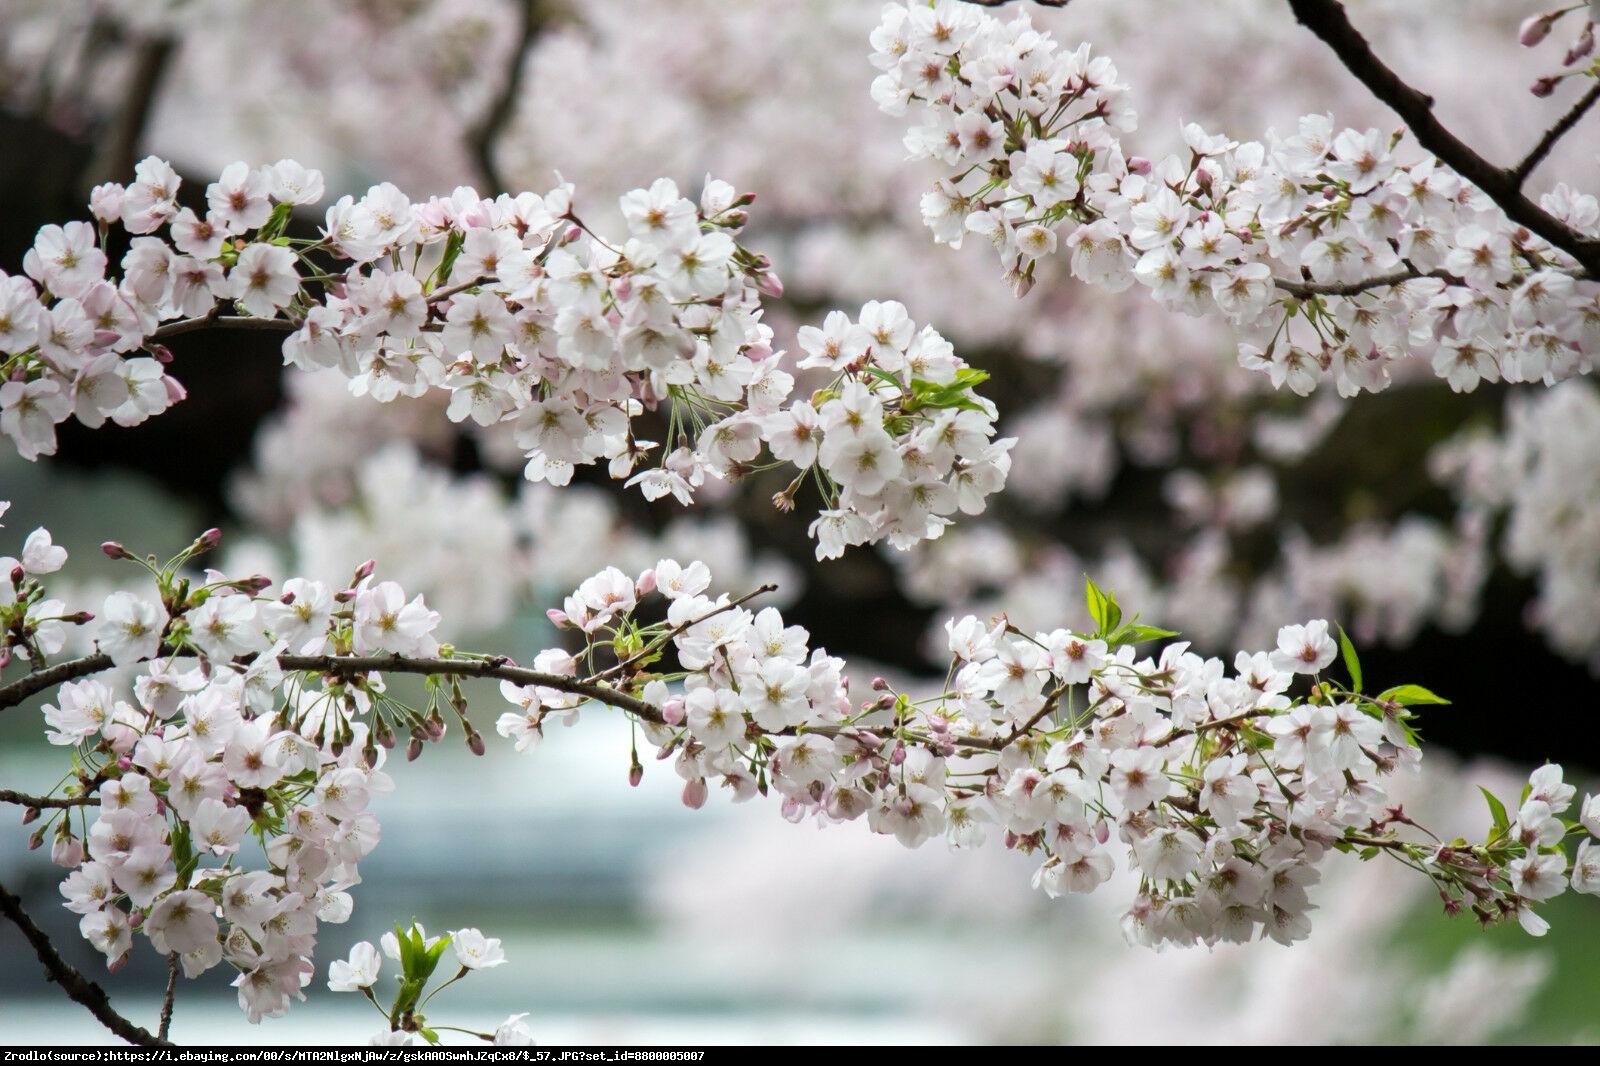 wiśnia nipponska brillant - Prunus nipponica Brillant